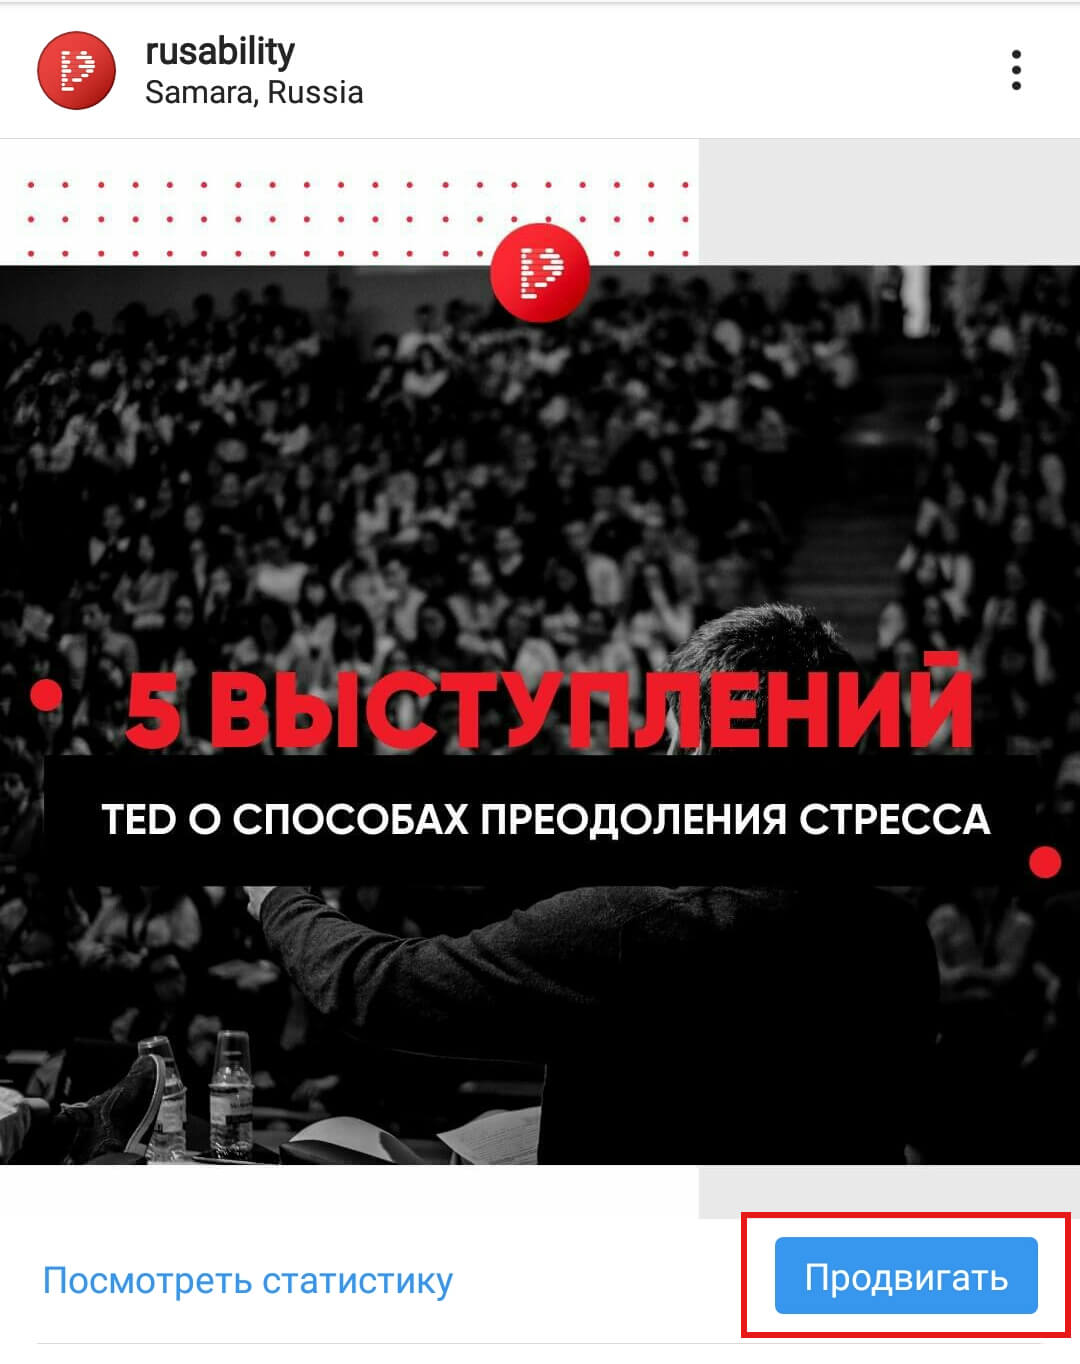 kak-dobavit-ssylku-v-instagram-9-sposobov-13